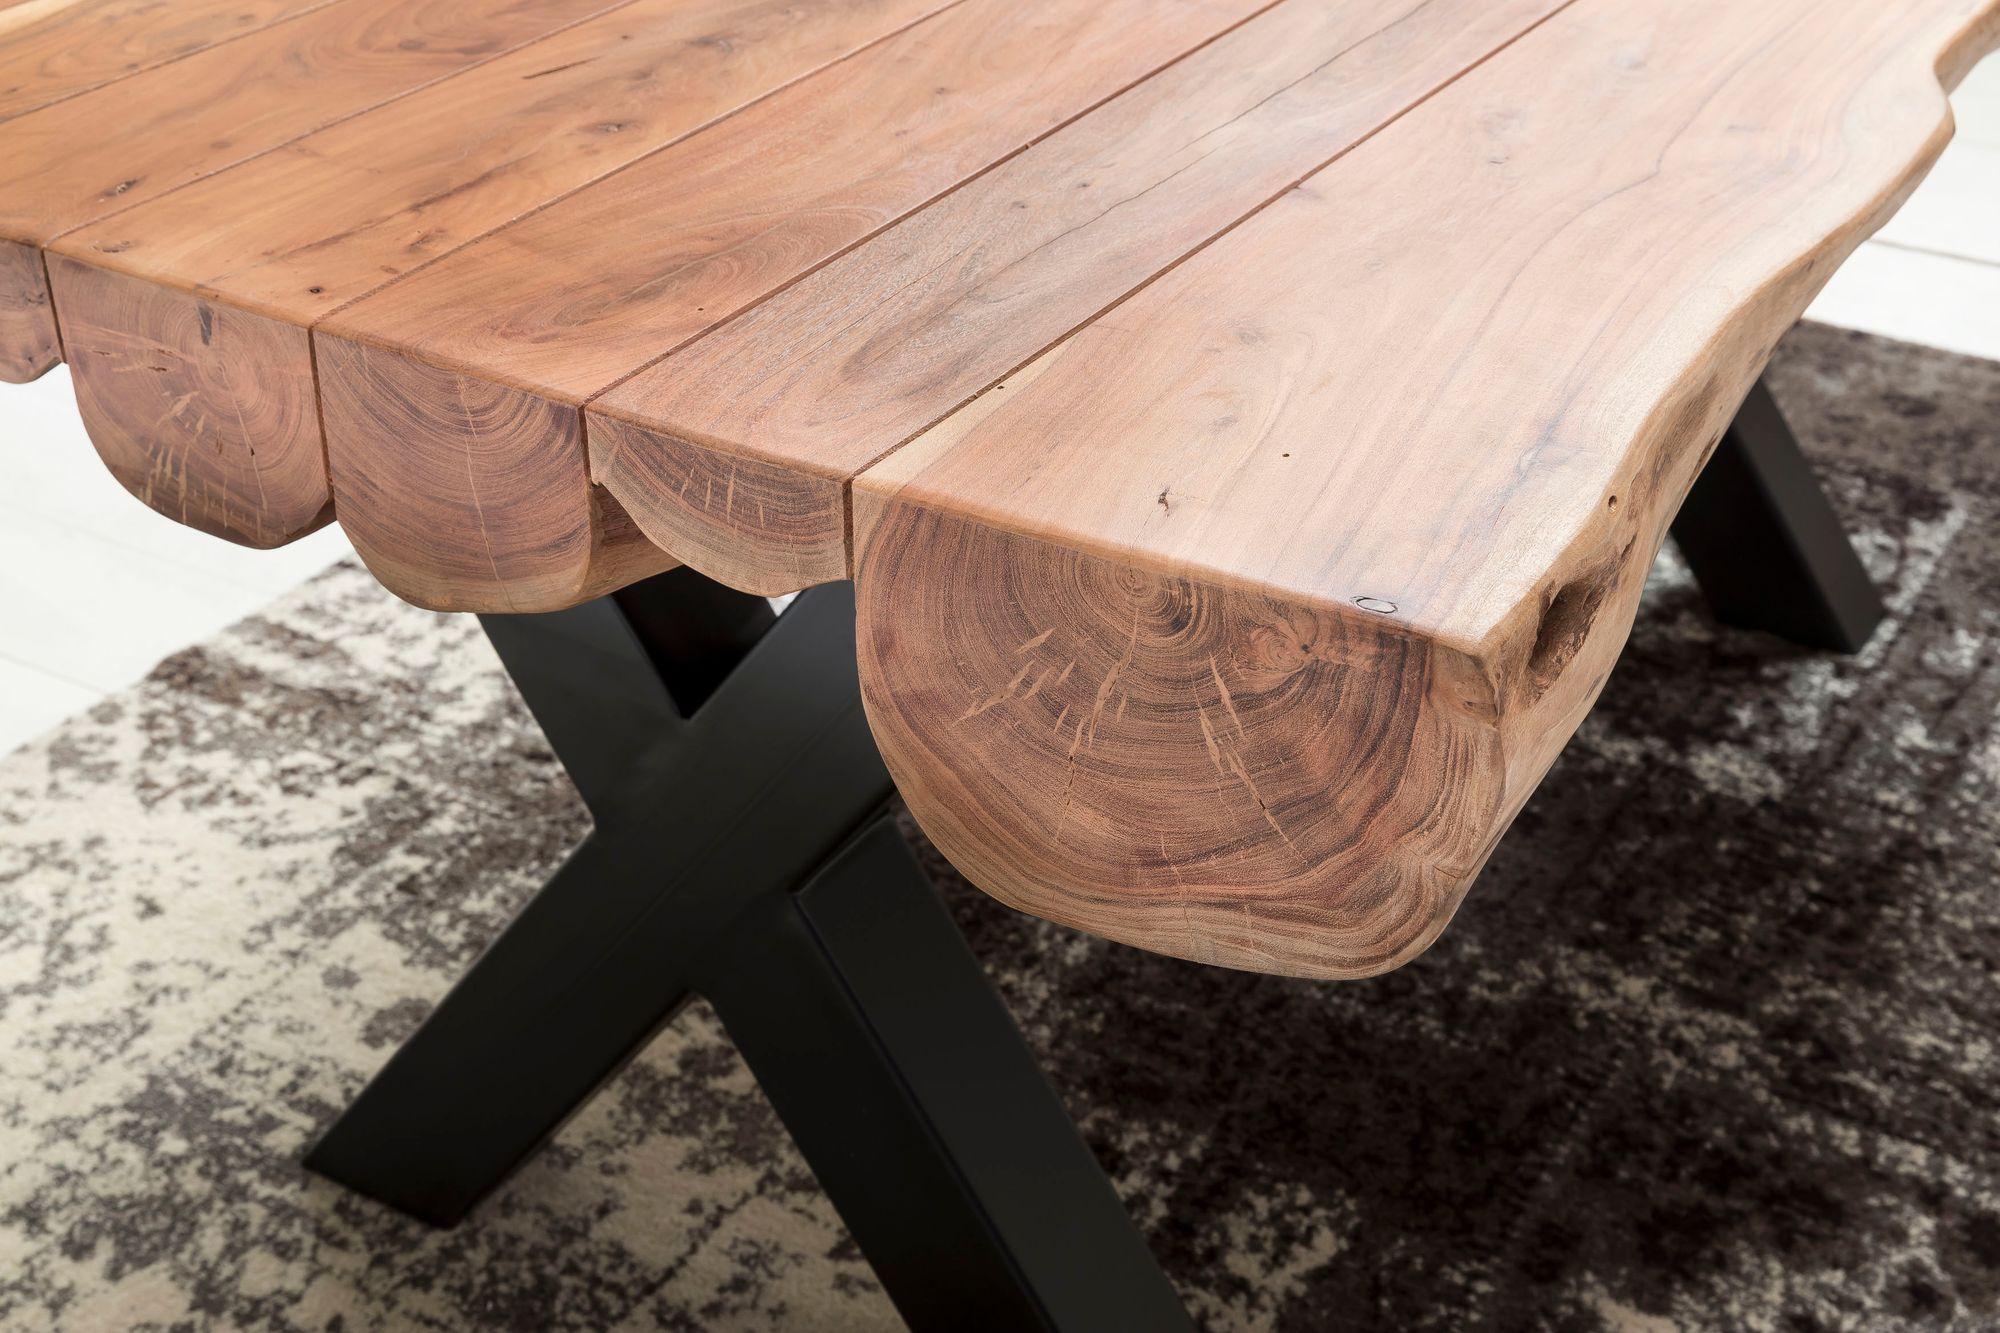 FineBuy Esszimmertisch Akazie Landhaus Stil Voll Holz | Design Esstisch rechteckig | Tisch für Esszimmer Baumstamm | Küchentisch 6 8 Personen